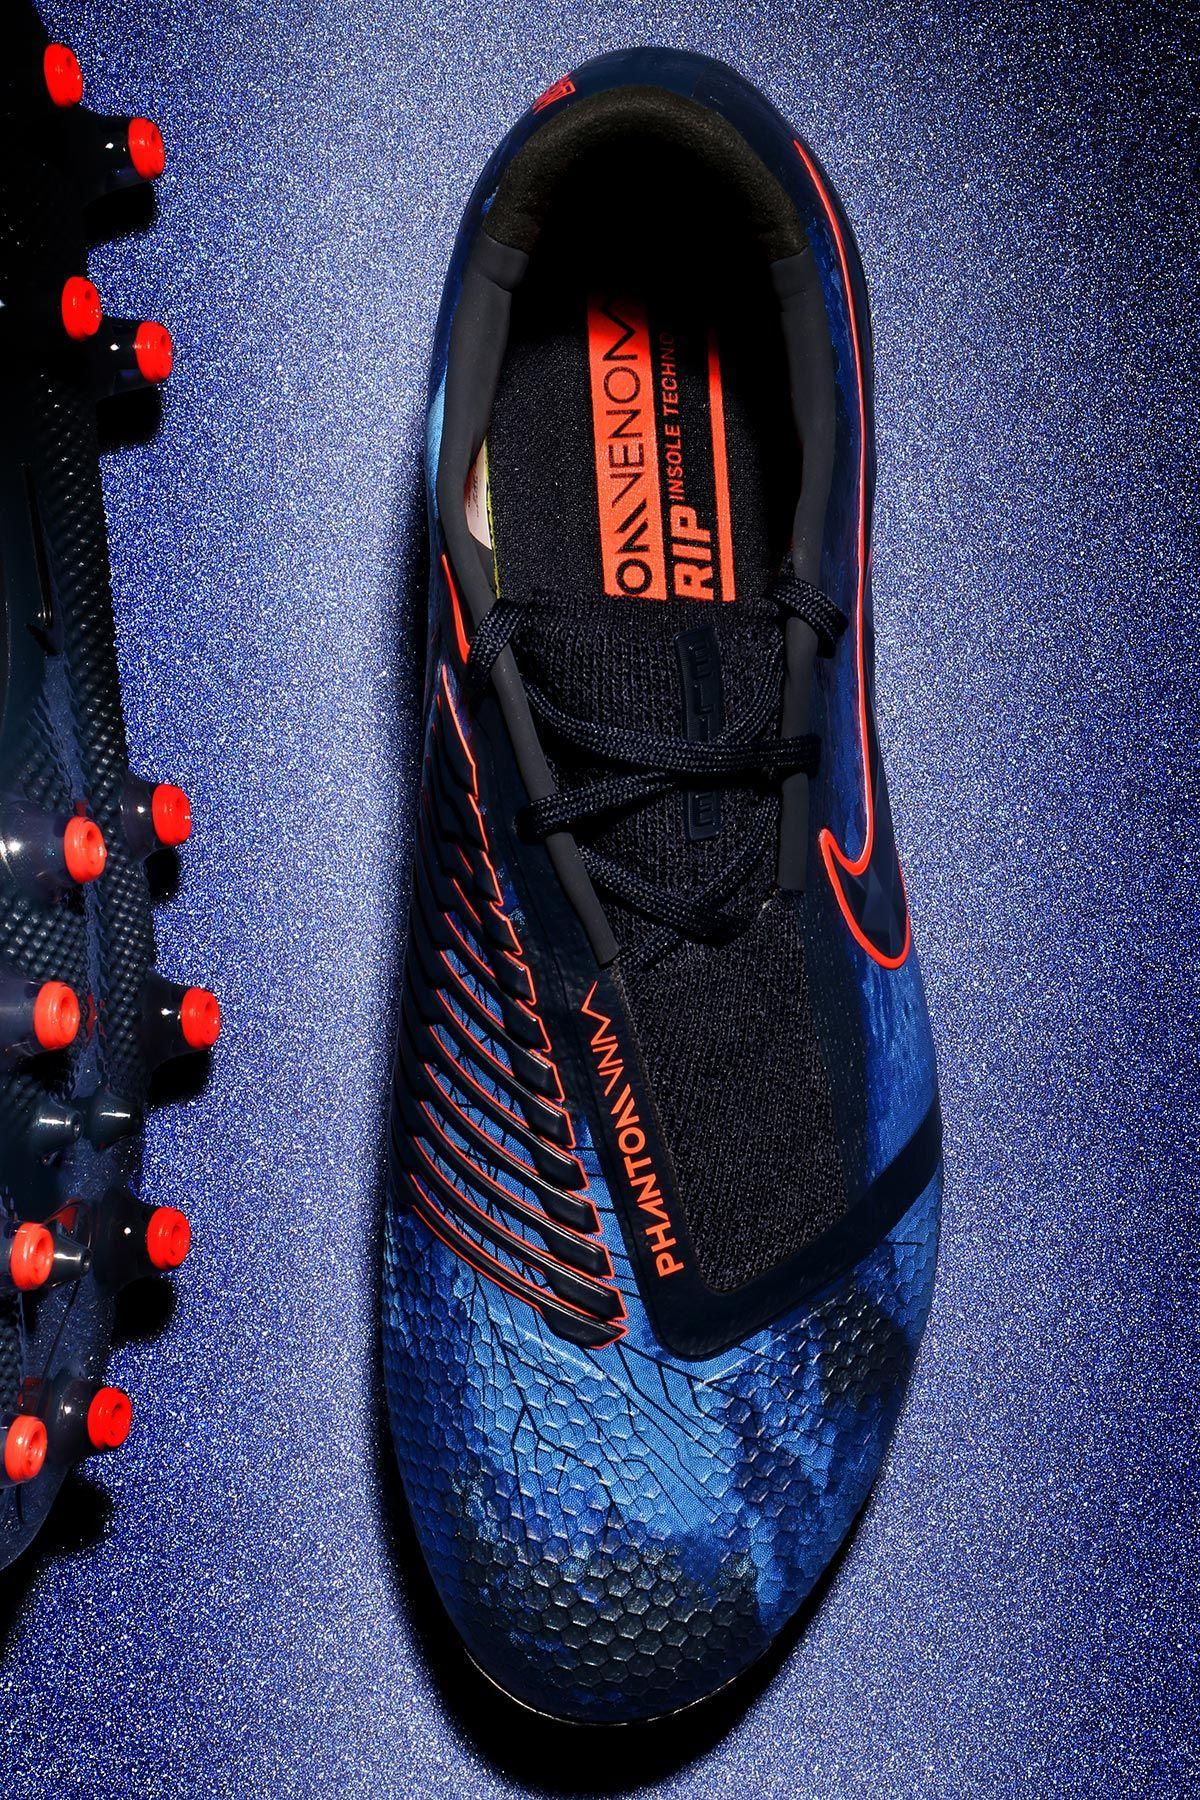 7a0c97e8 Botas De Fútbol · Nike Phantom Venom Elite AG-PRO ⚽️Rivales os espera una  tormenta de goles ⚽